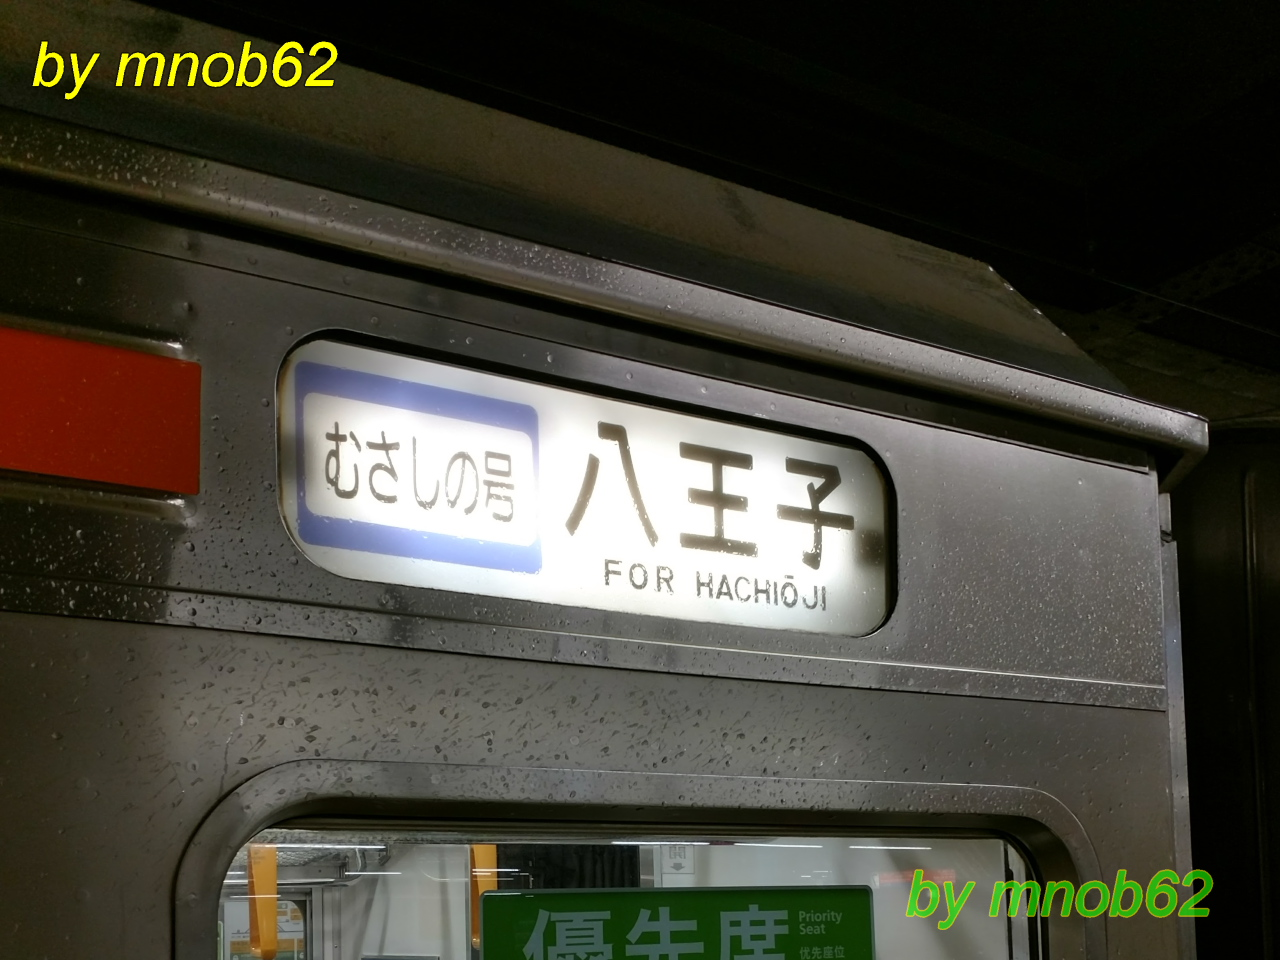 武蔵野線の行先表示